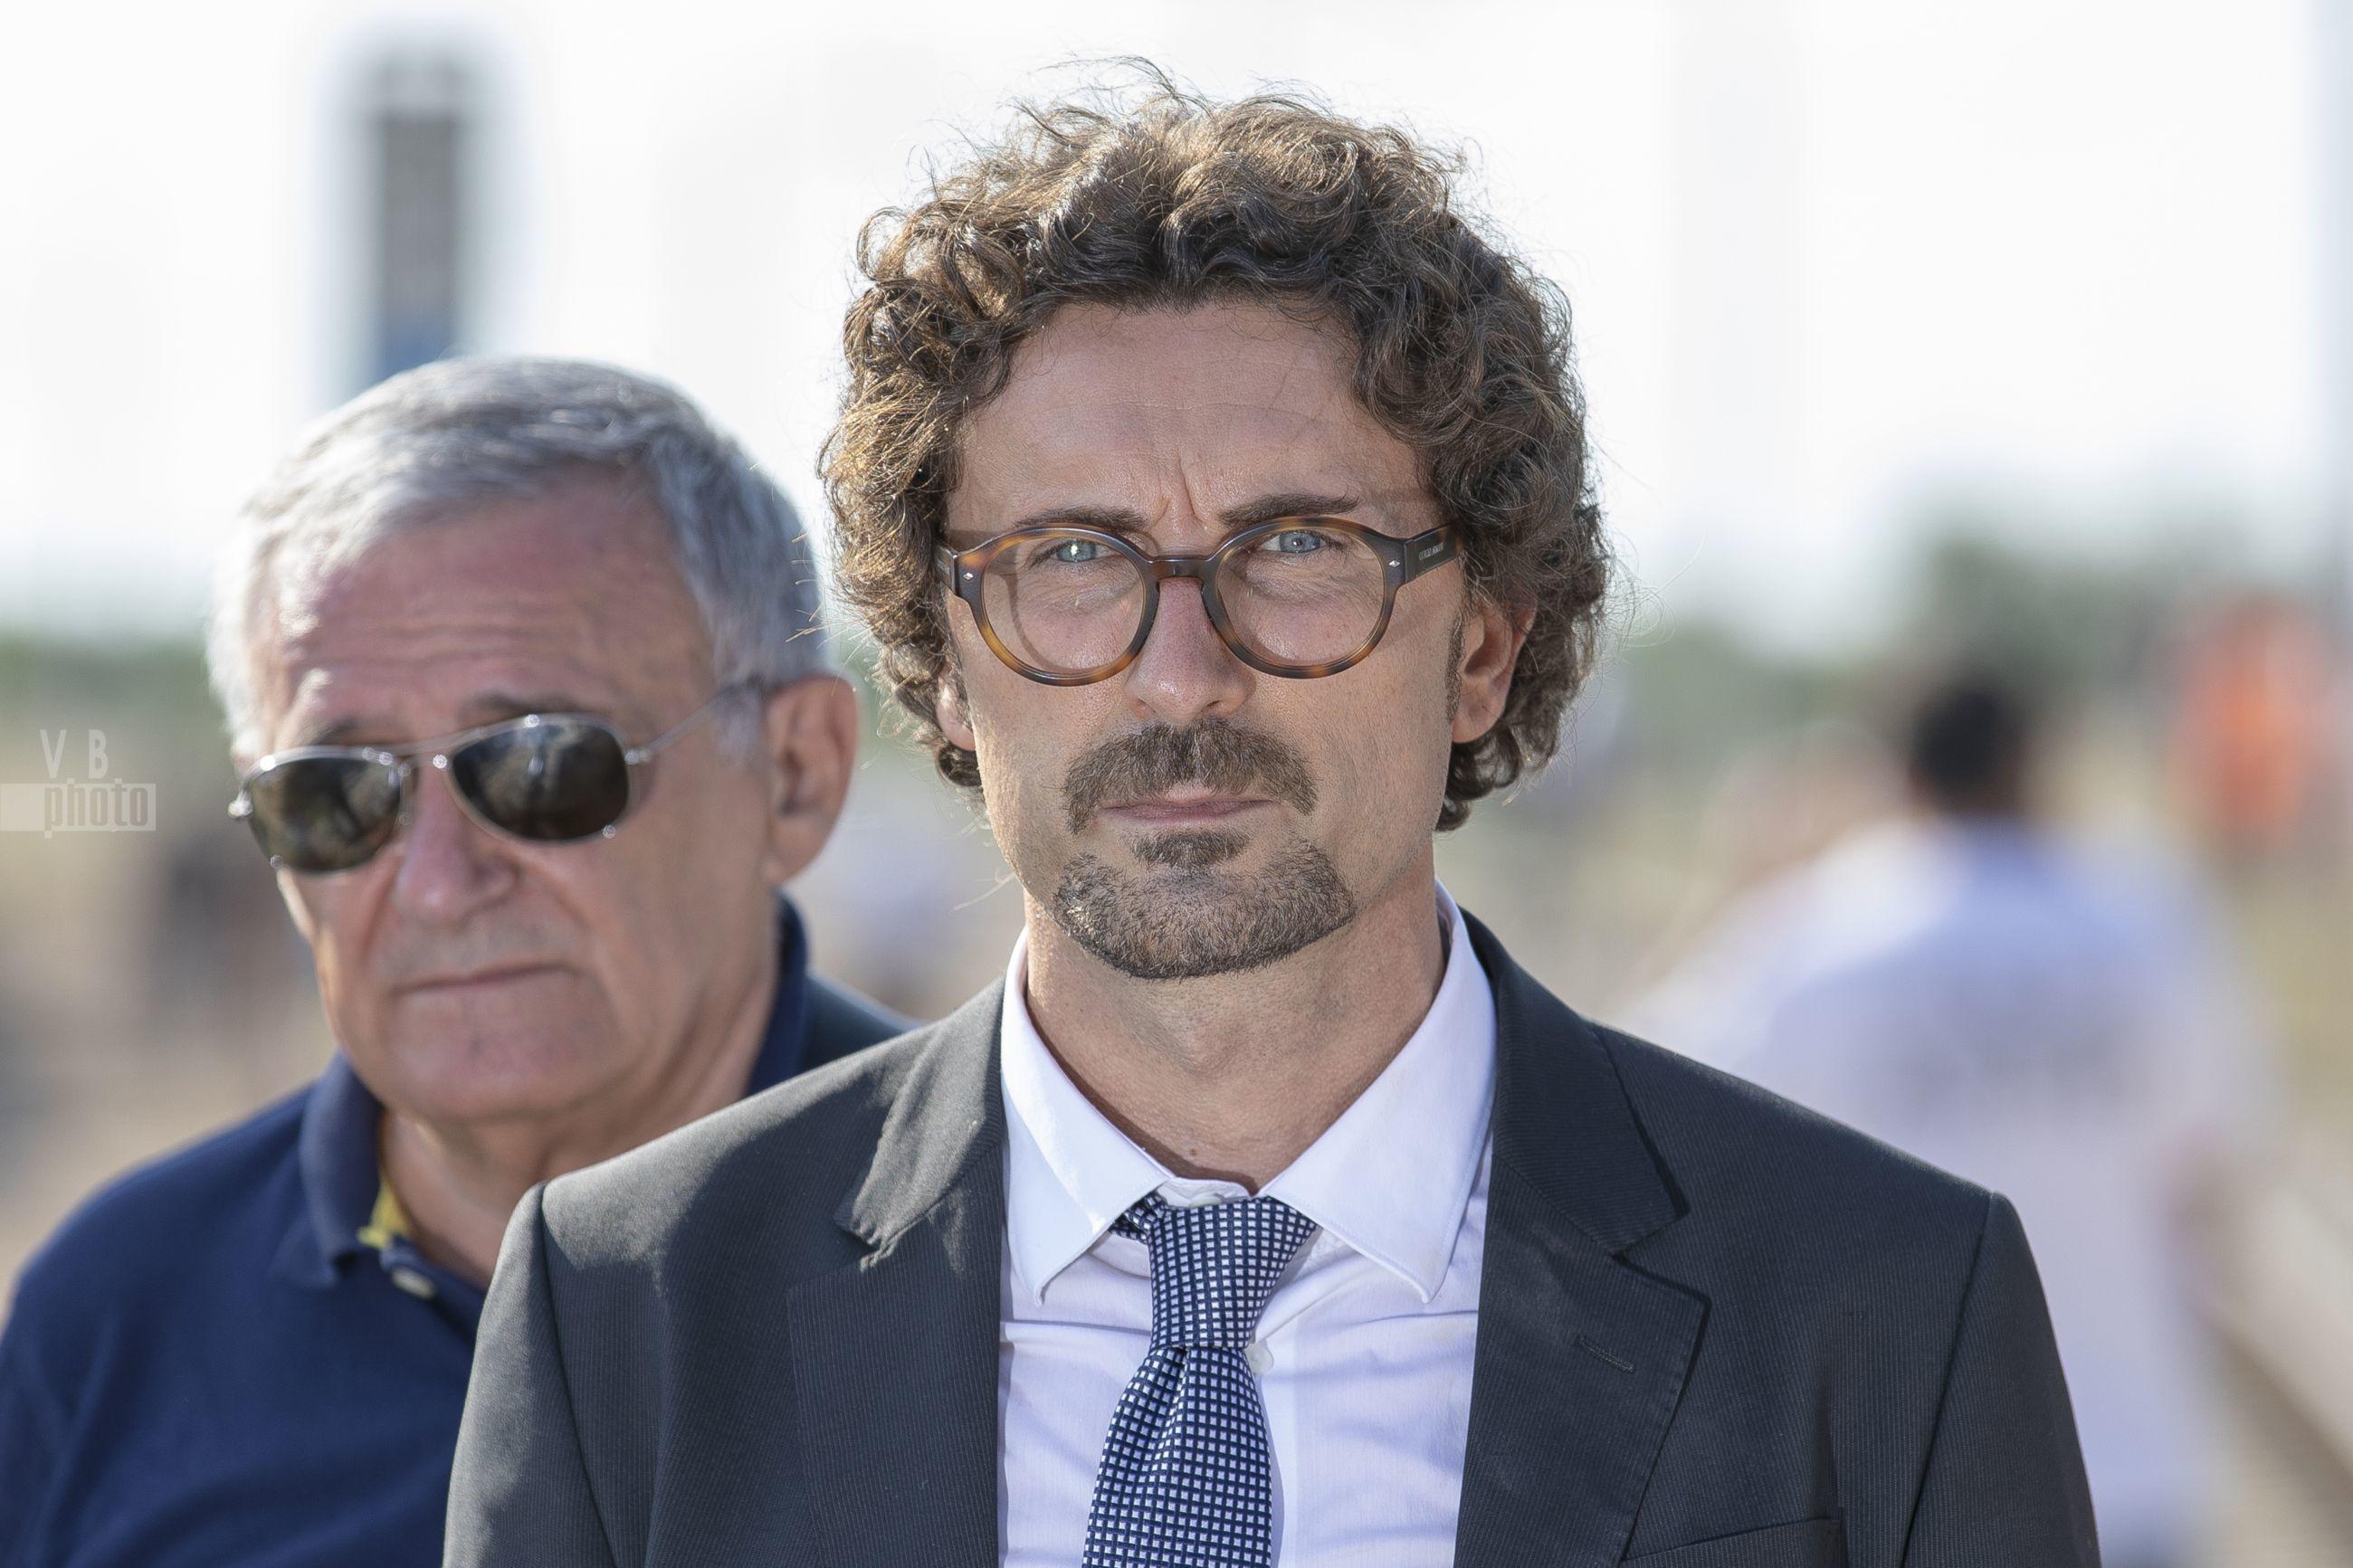 Il Ministro Toninelli sul luogo del disastro ferroviario nella tratta Corato-Andria - 12 luglio 2018